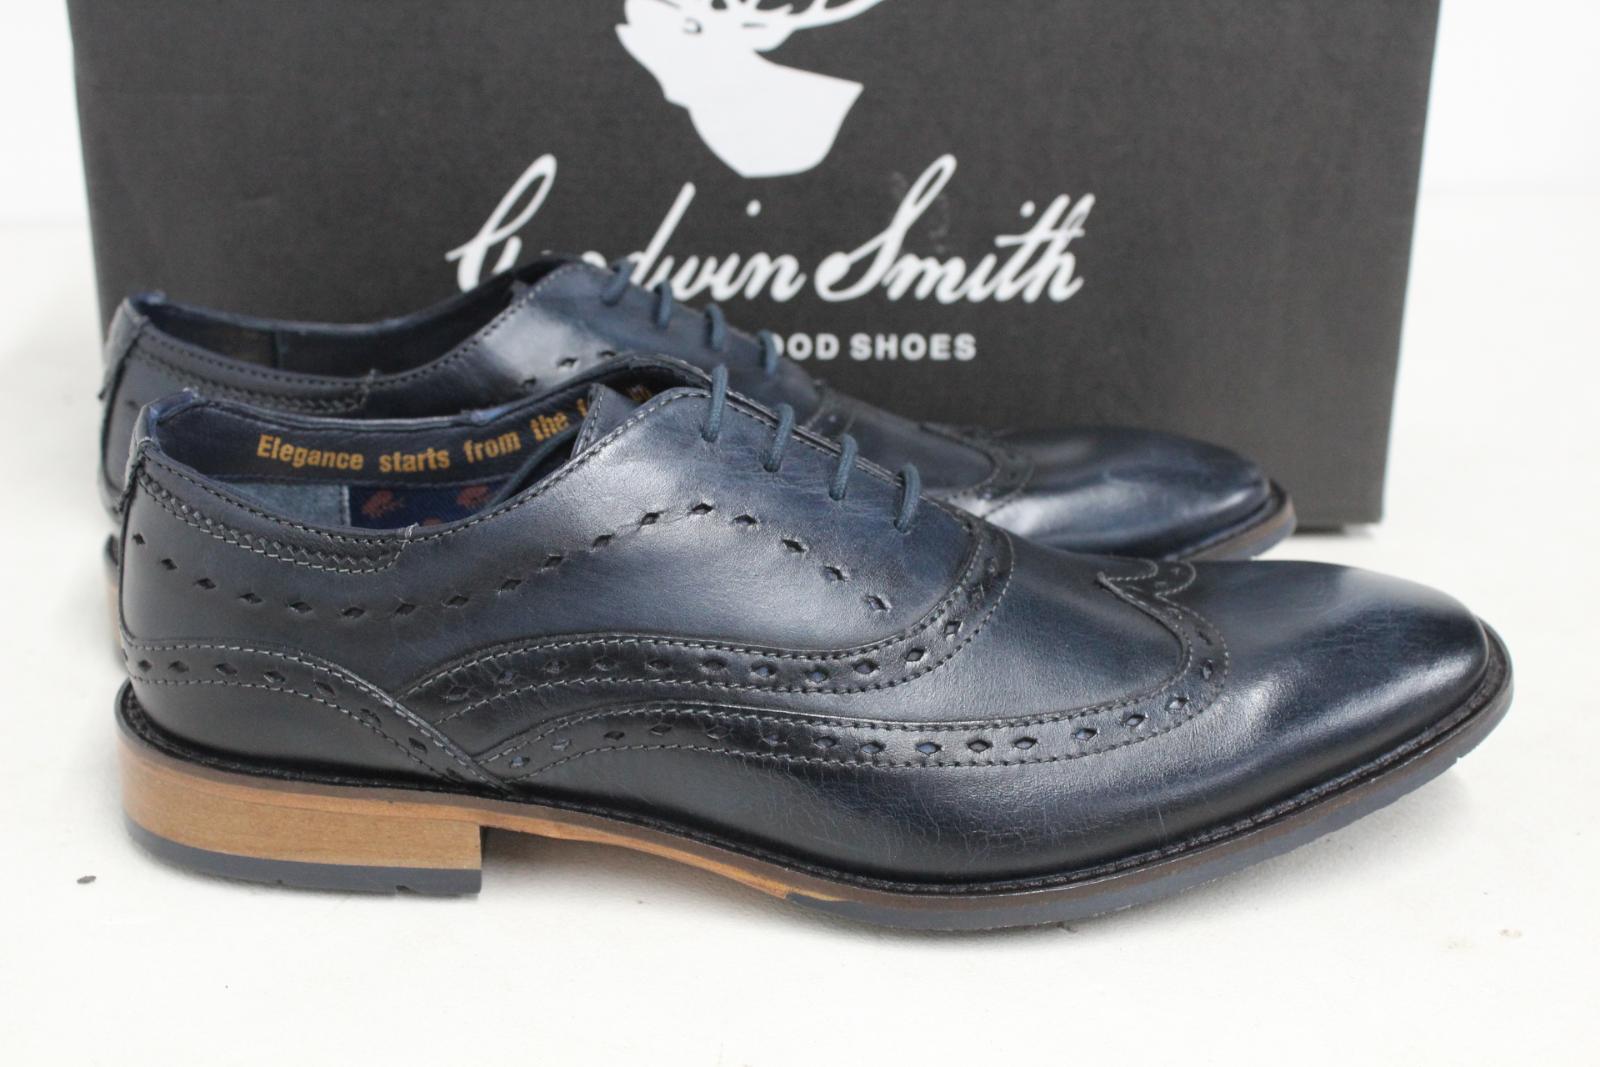 GOODWIN-para-hombre-Azul-Marino-Bowland-SMITH-Cuero-Oxford-Zapatos-UK-7-EU41-Nuevo miniatura 3